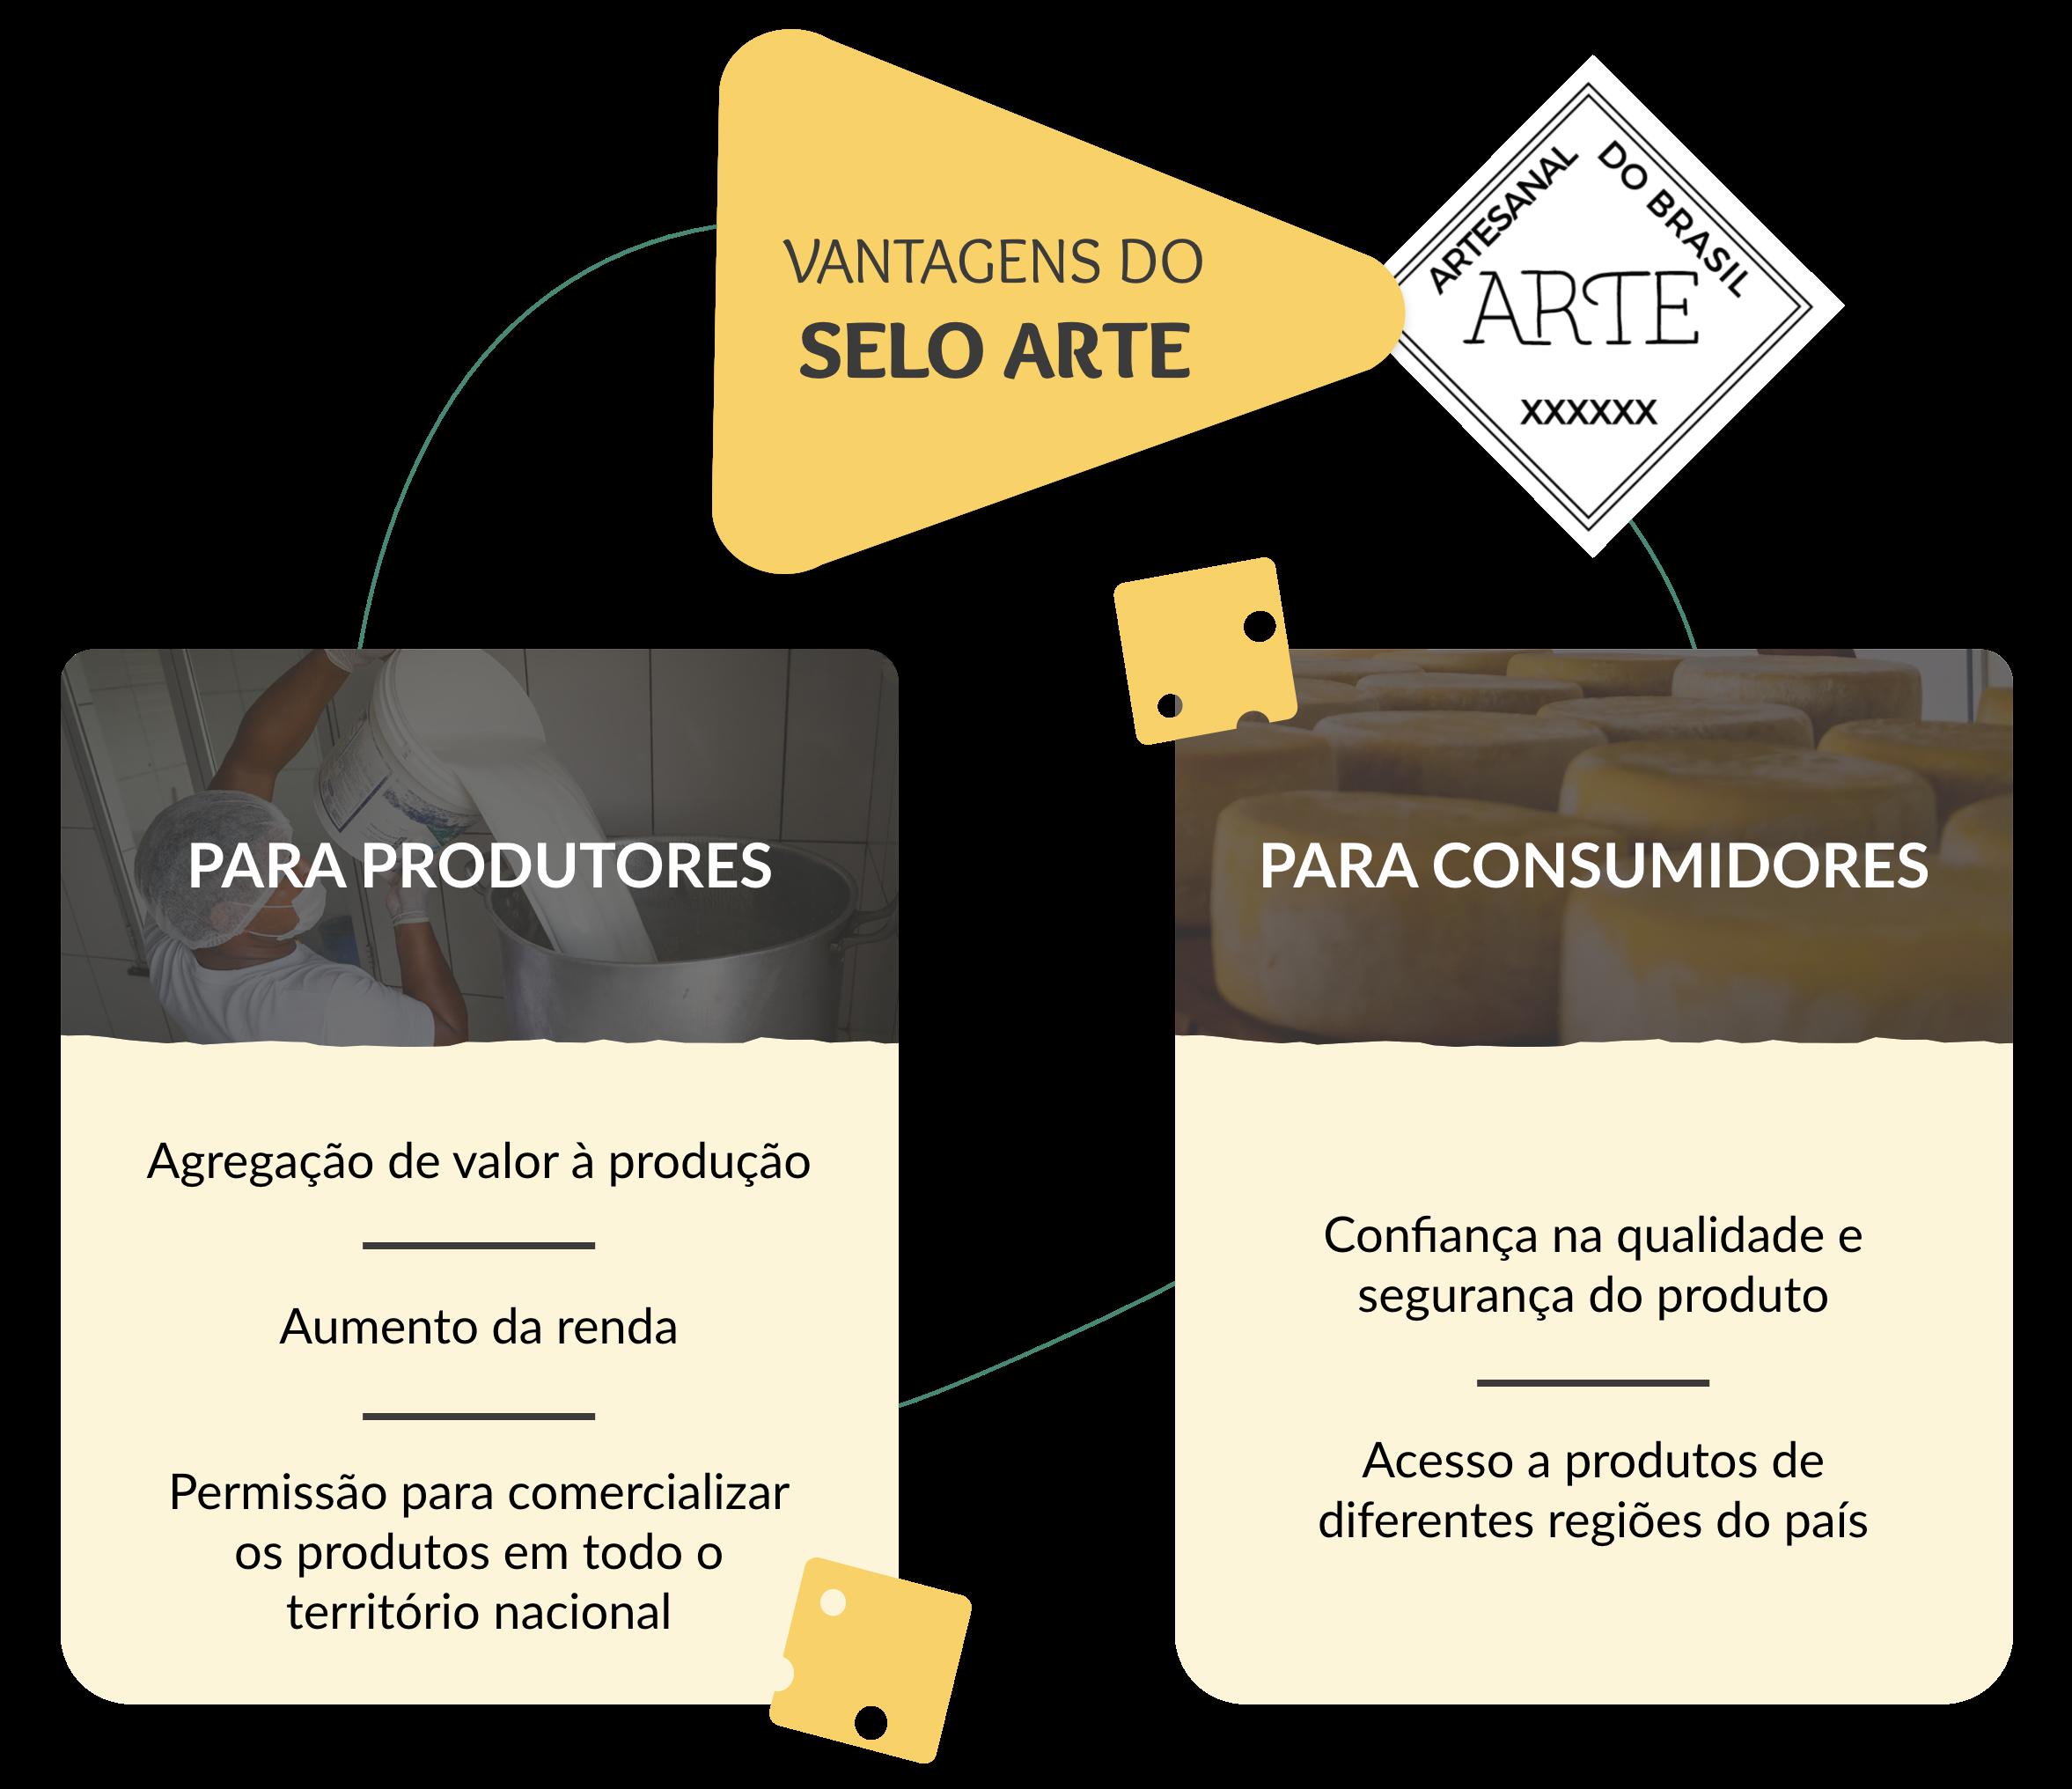 tabela indica as vantagens do Selo Arte